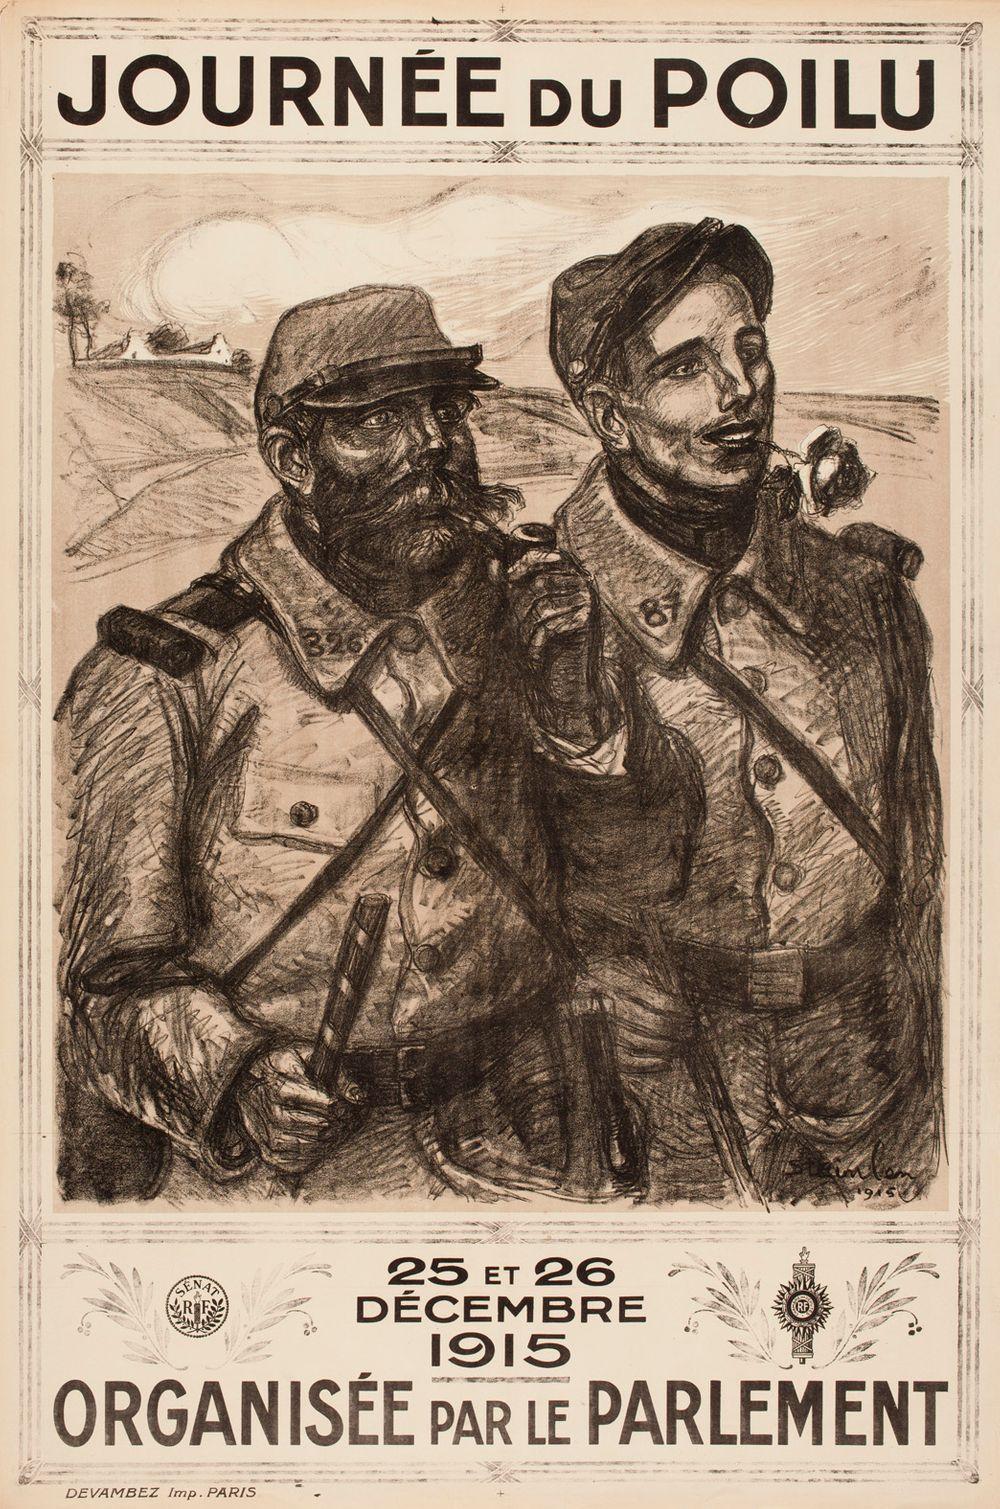 Journée du poilu 25 et 26 décembre 1915